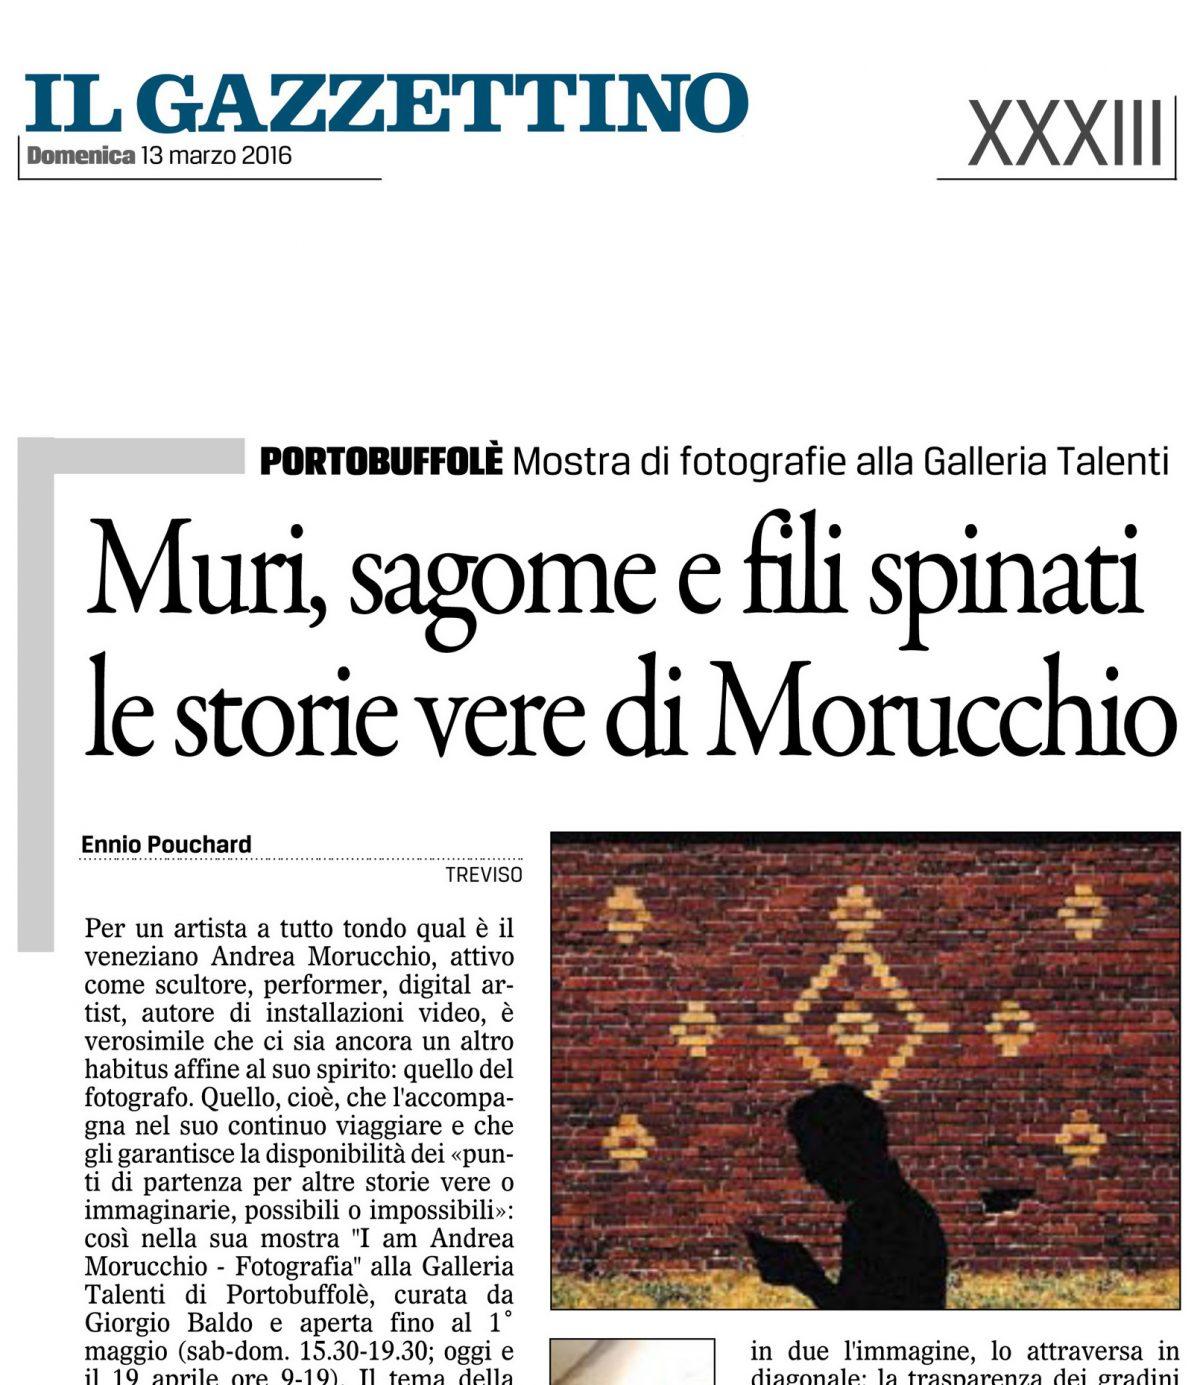 Il Gazzettino | 13.03.2016